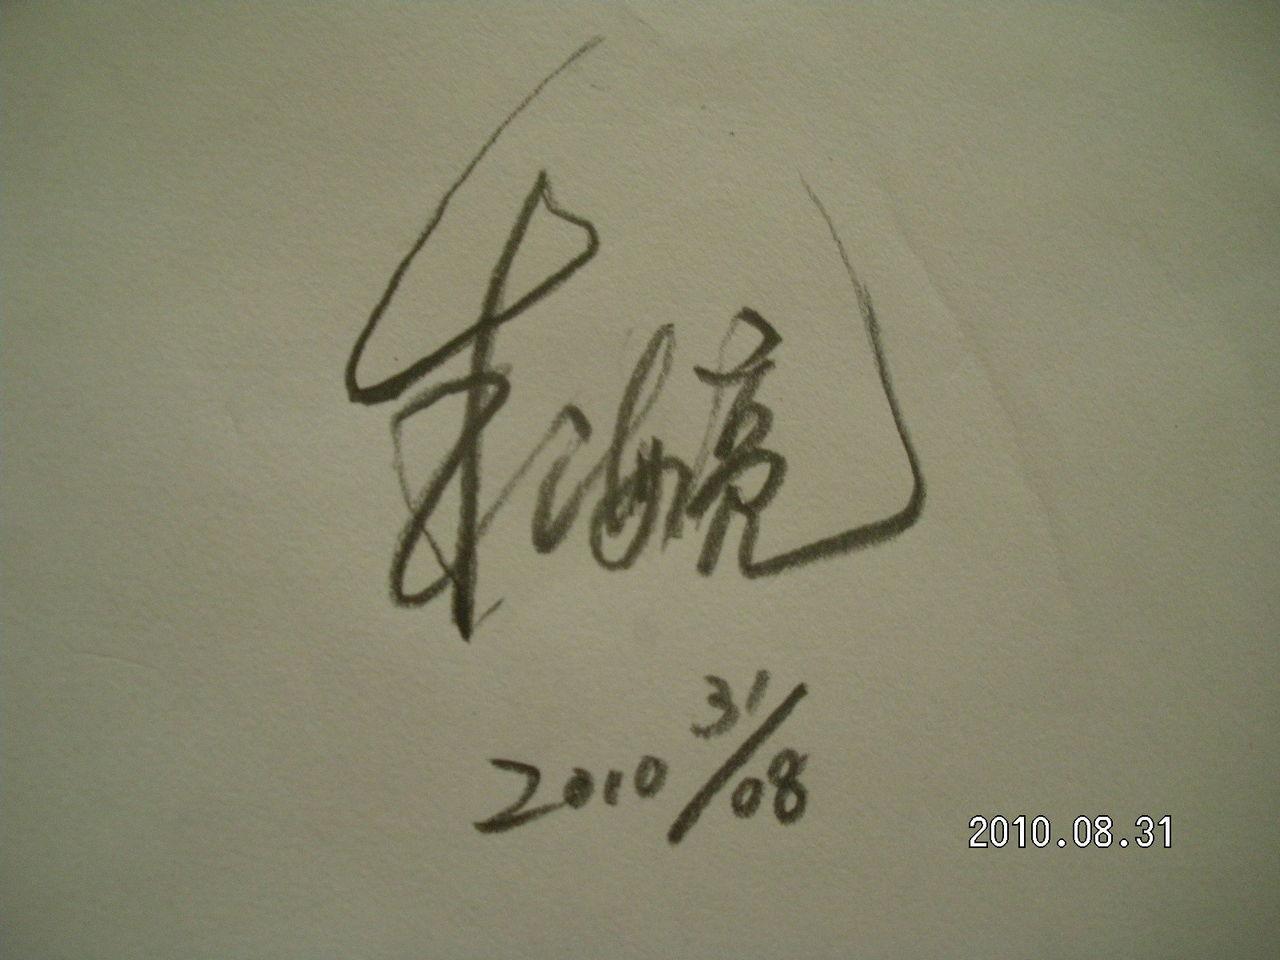 """谁能帮我设计下艺术签名,我的名字好难写. """"朱海亮""""图片"""